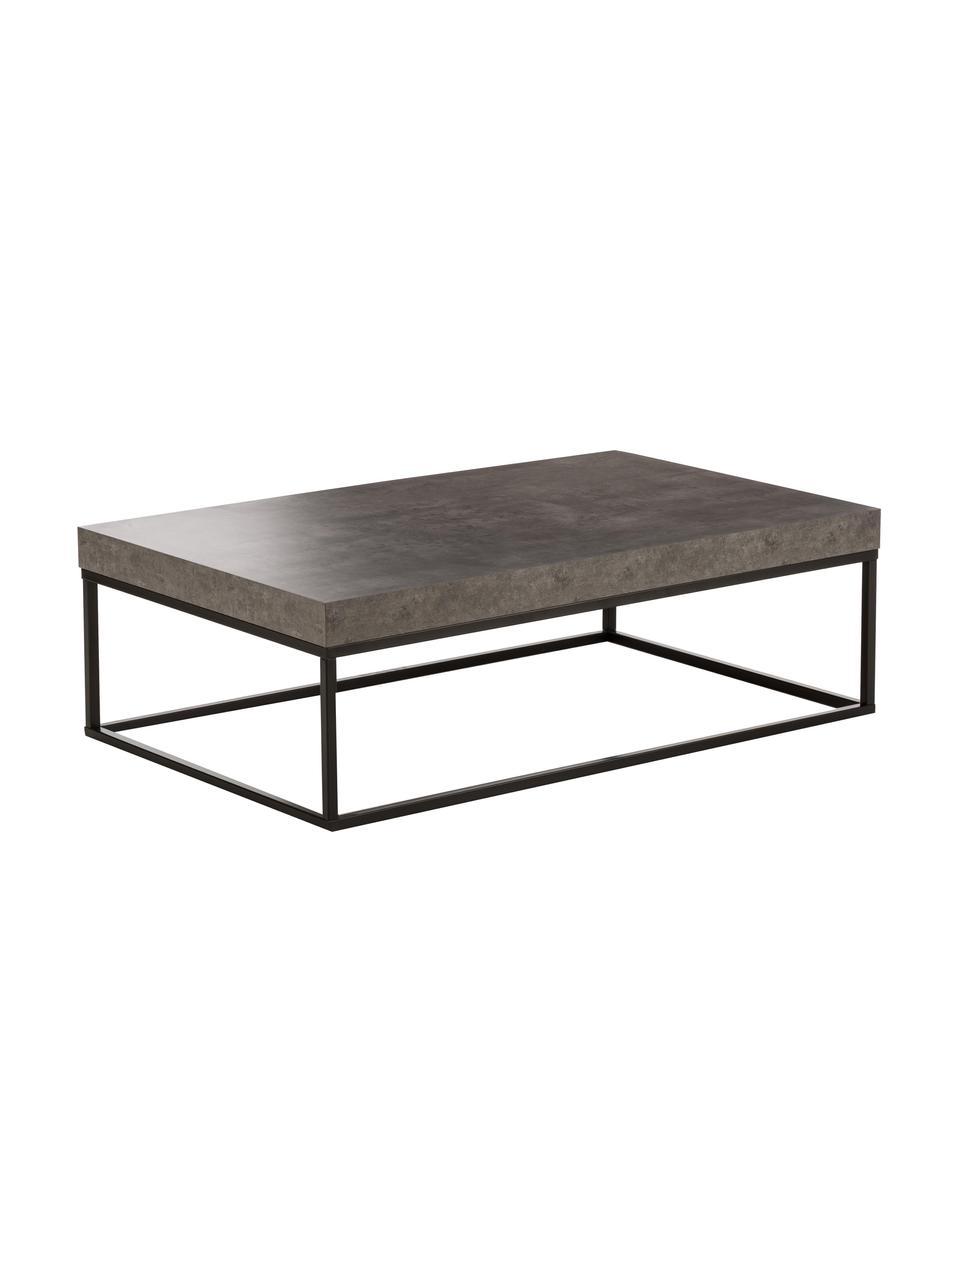 Tavolino da salotto effetto cemento Ellis, Struttura: metallo verniciato, Effetto cemento, Larg. 120 x Alt. 38 cm